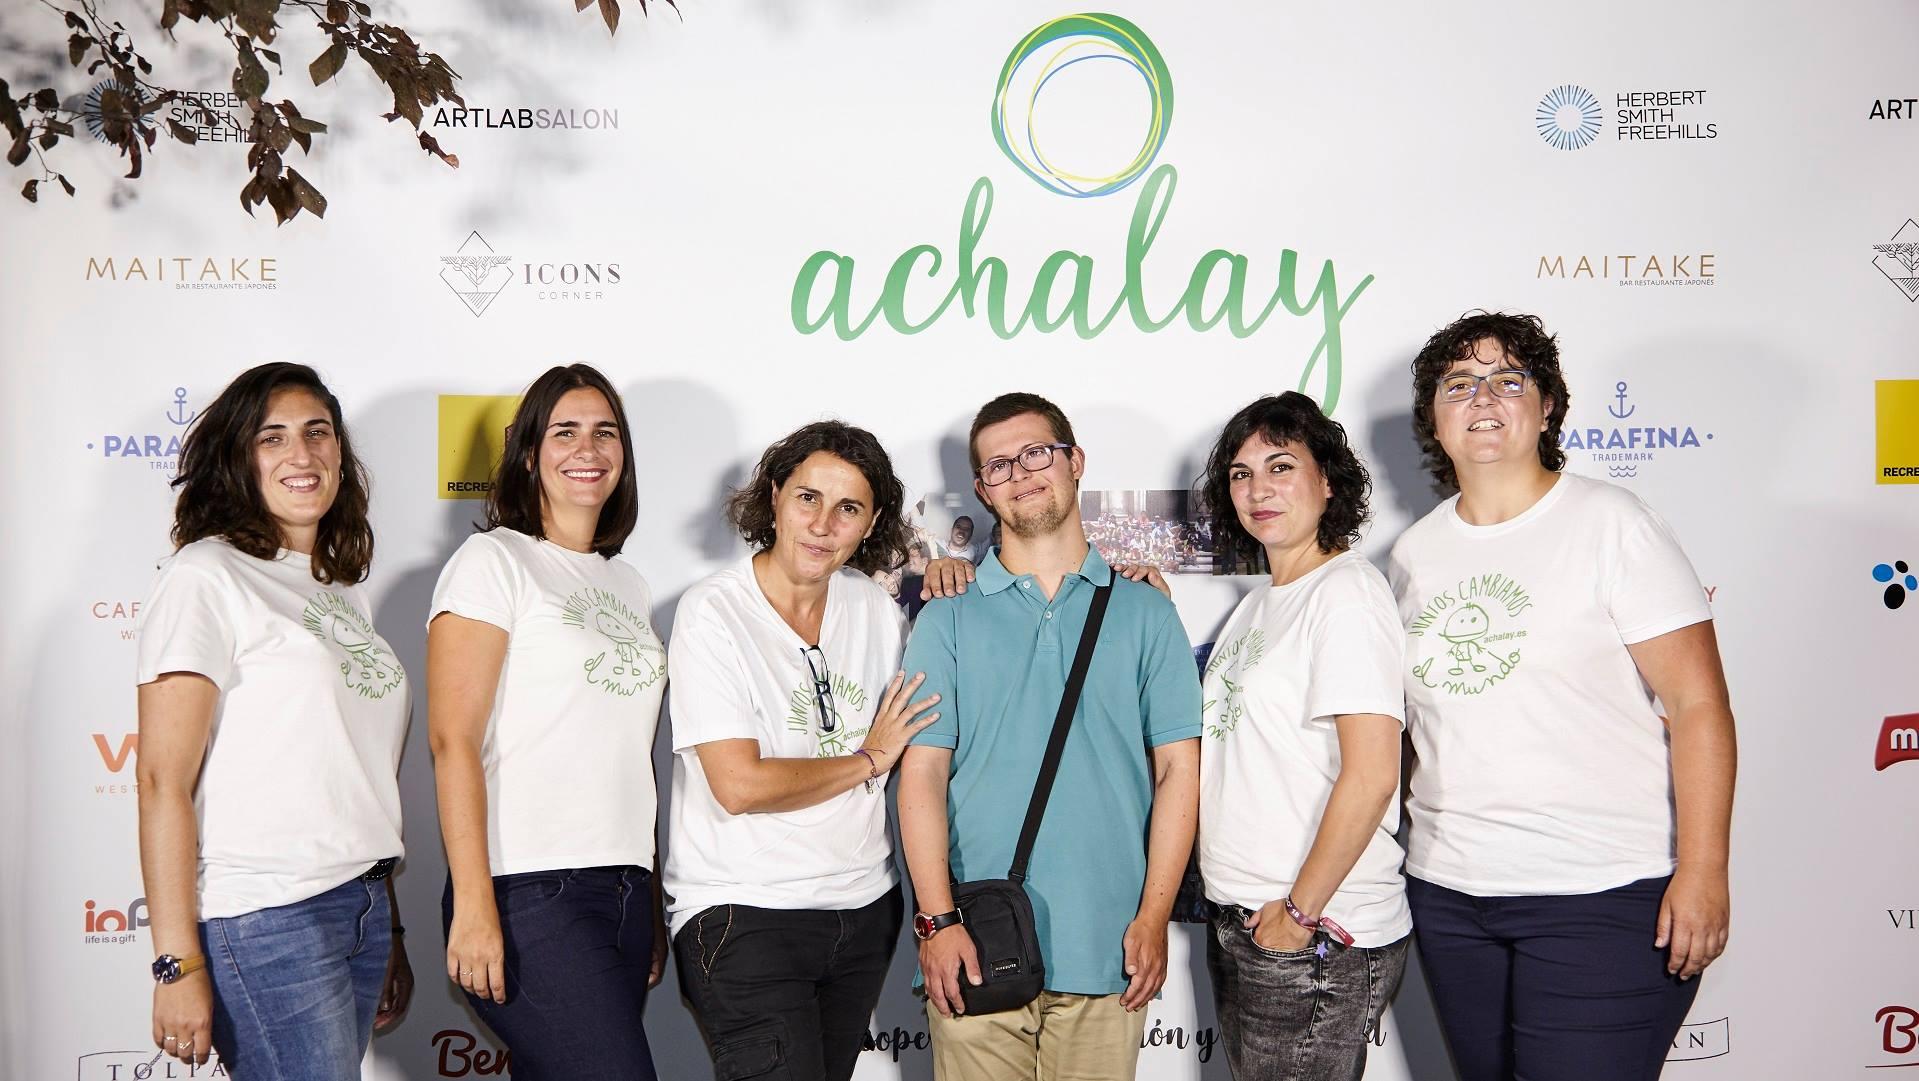 AVANT Servicios colabora con Achalay - Responsabilidad Social Corporativa